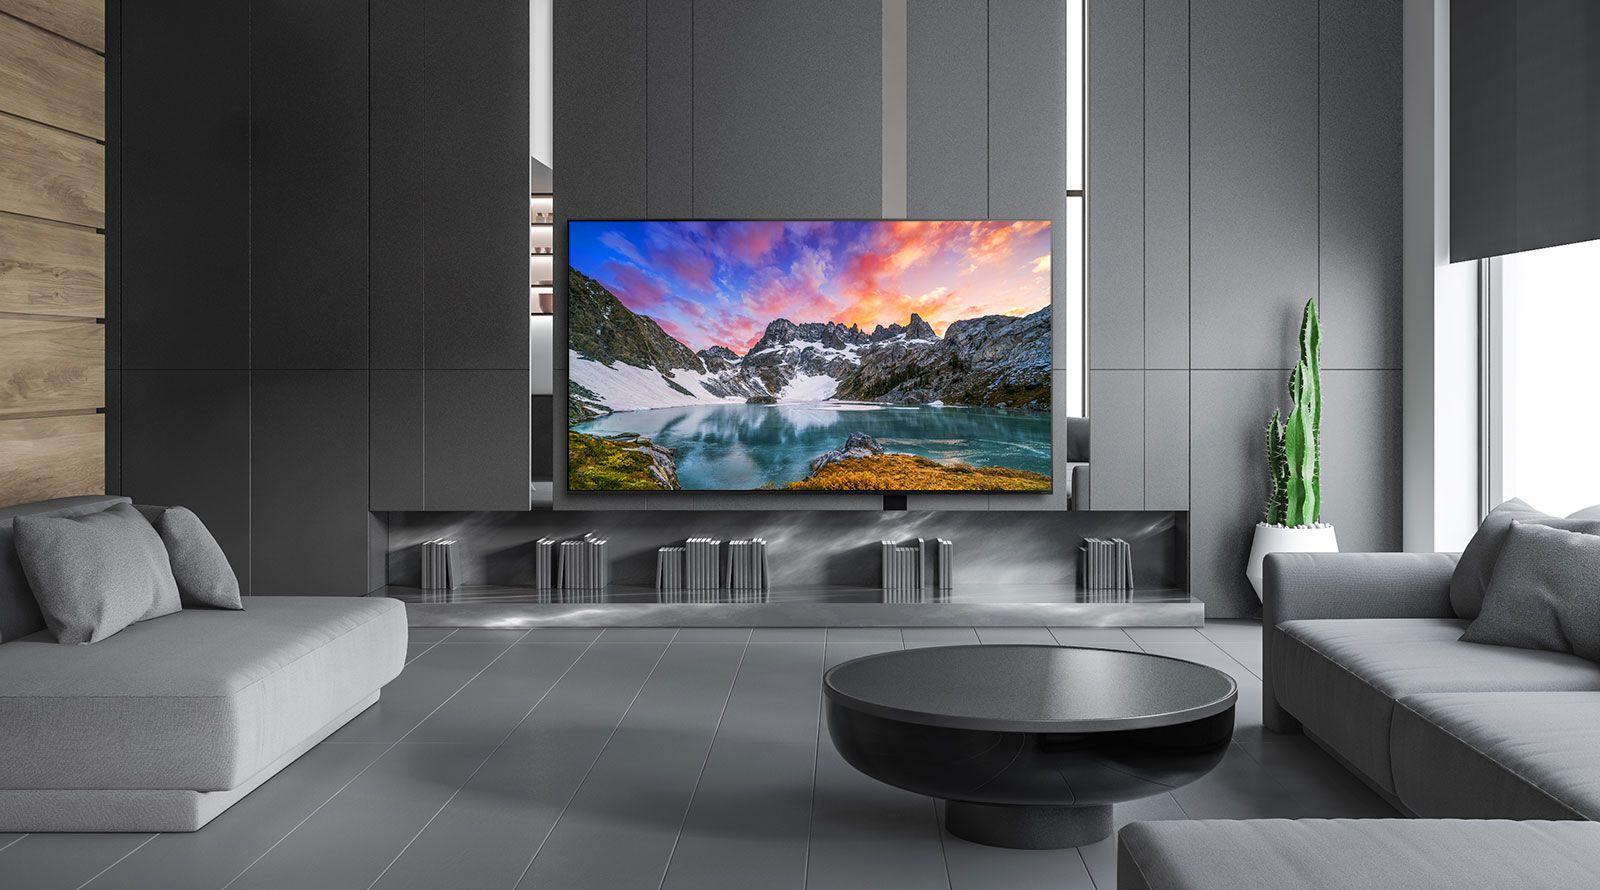 Fernseher mit einer Naturaufnahme in einem Haus mit luxuriöser Einrichtung